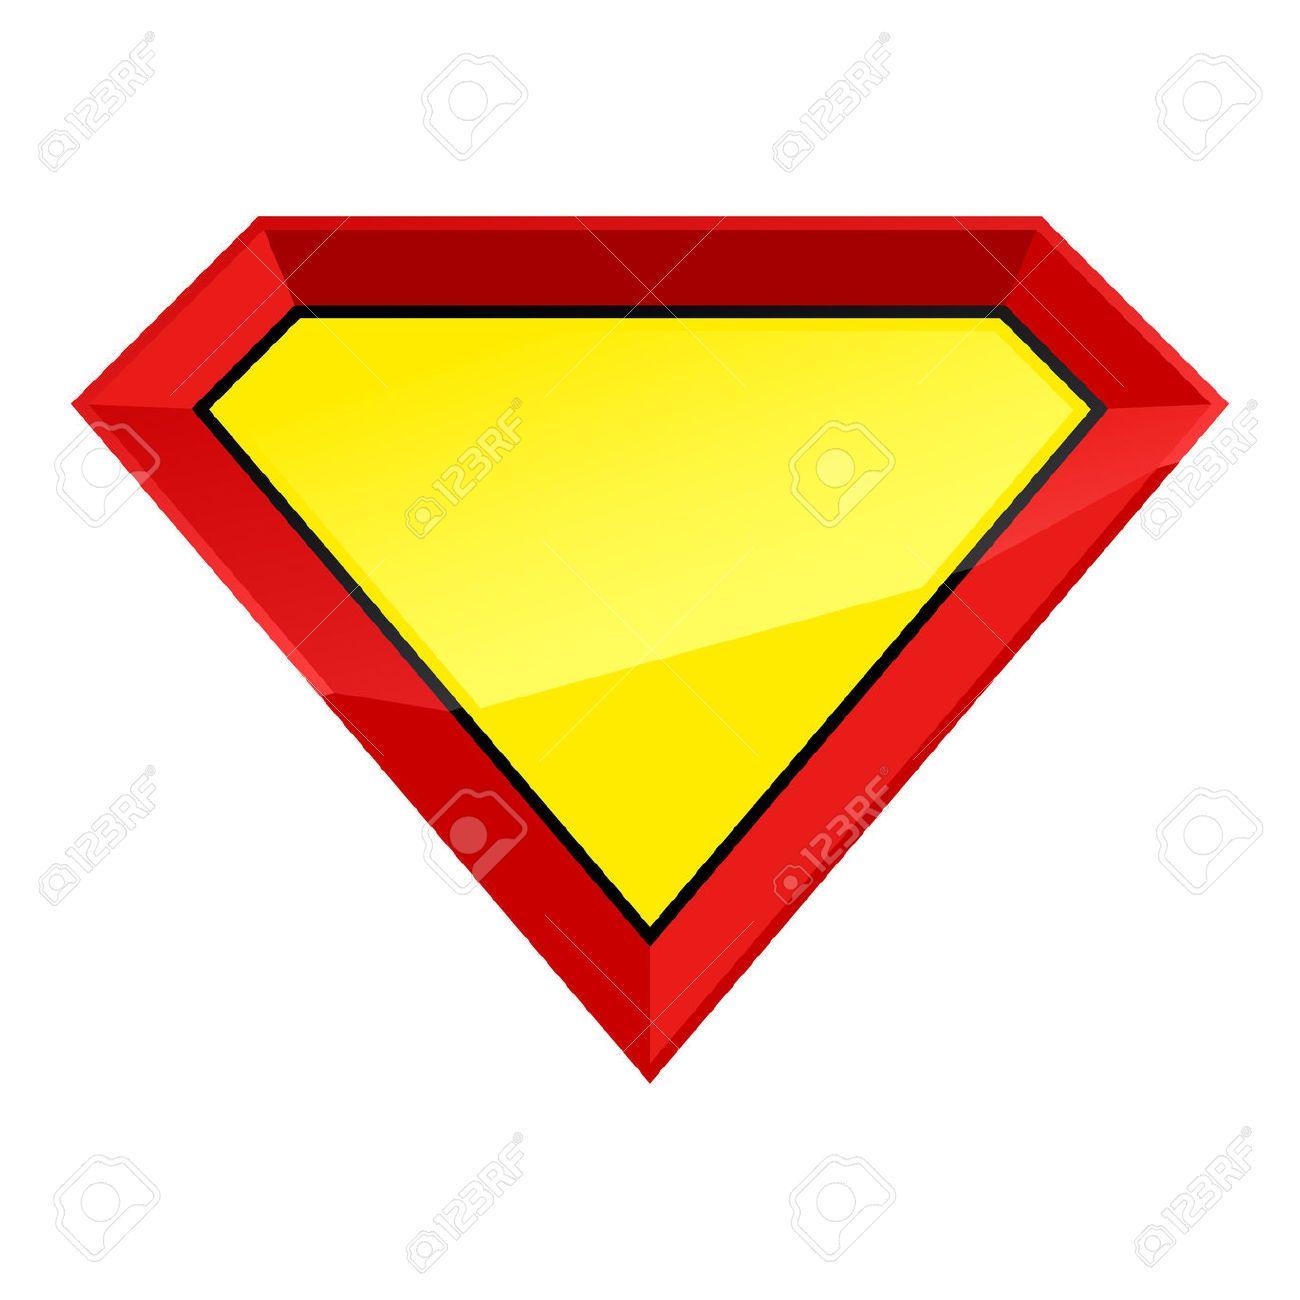 41097125-Supermann-Held-leere-Schild-Abzeichen-Vorlage--Lizenzfreie ...